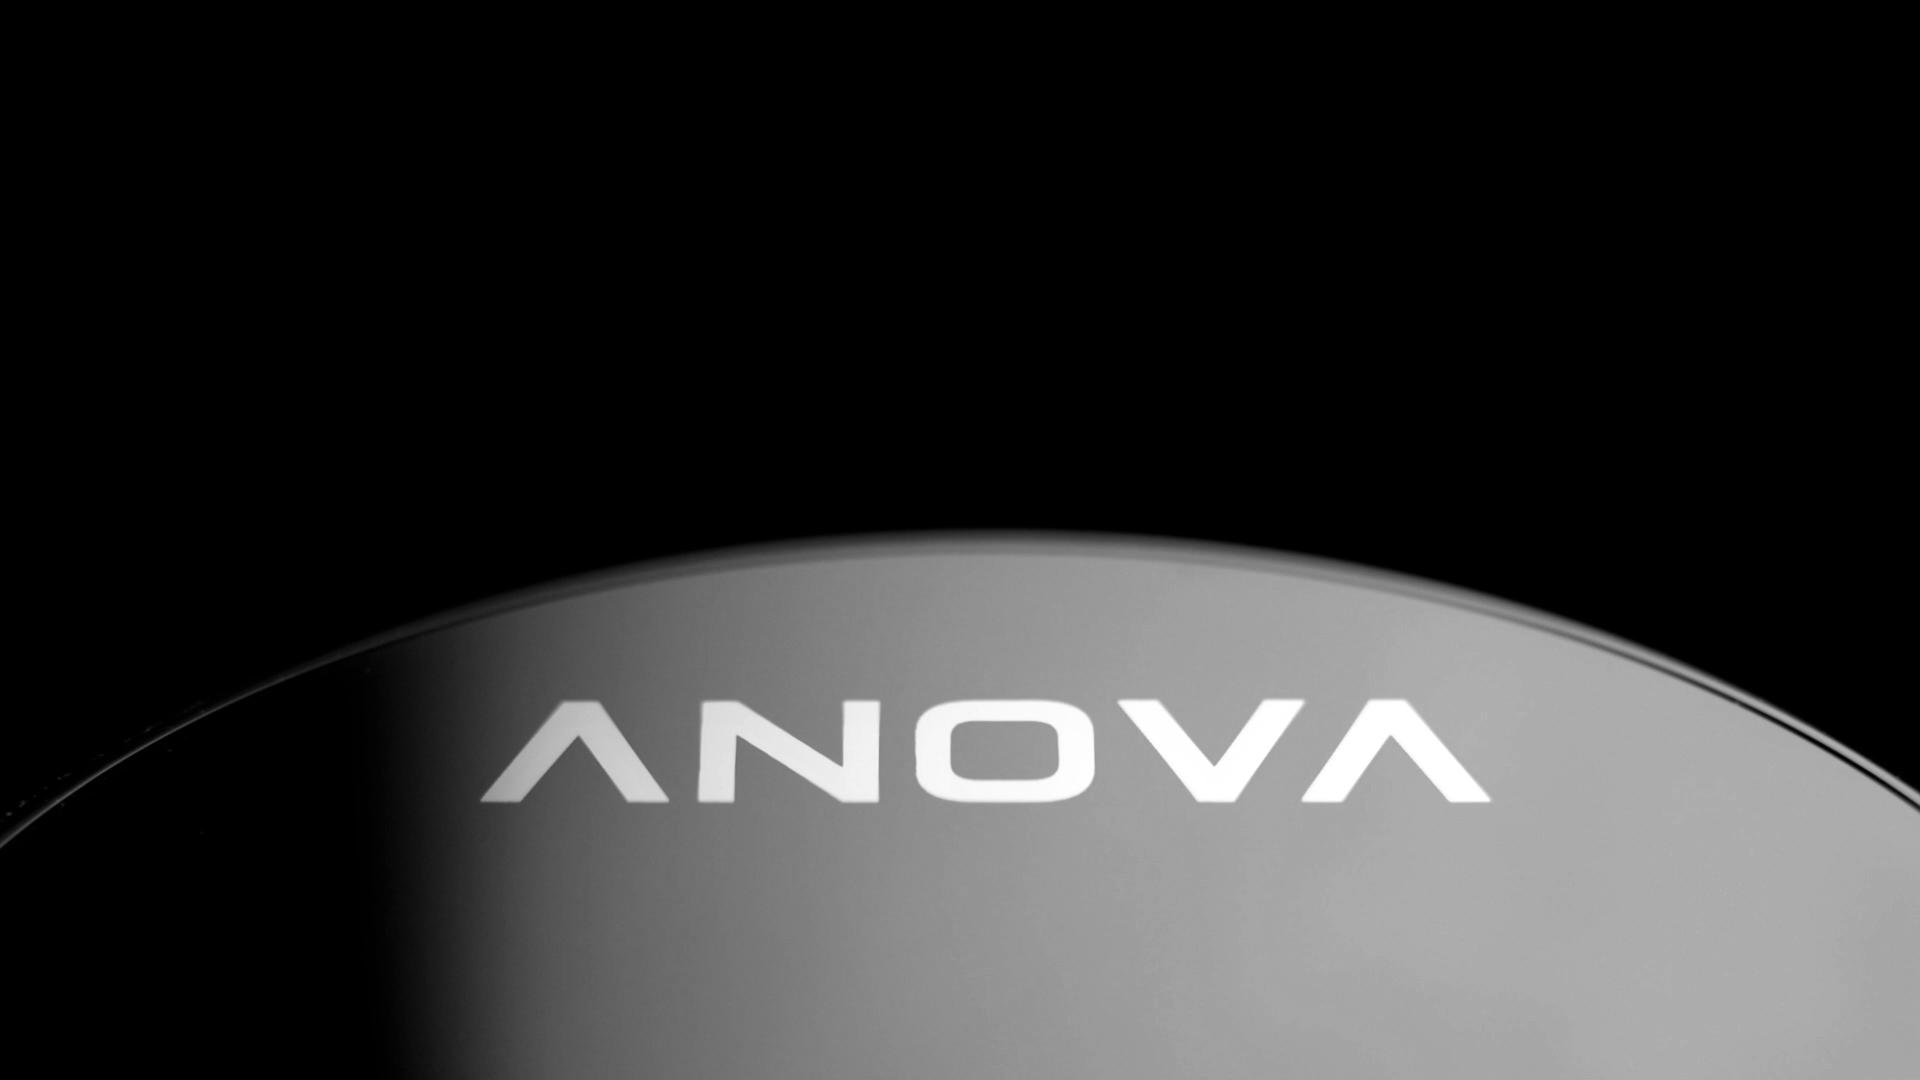 Anova Precision Cooker Nano Demo